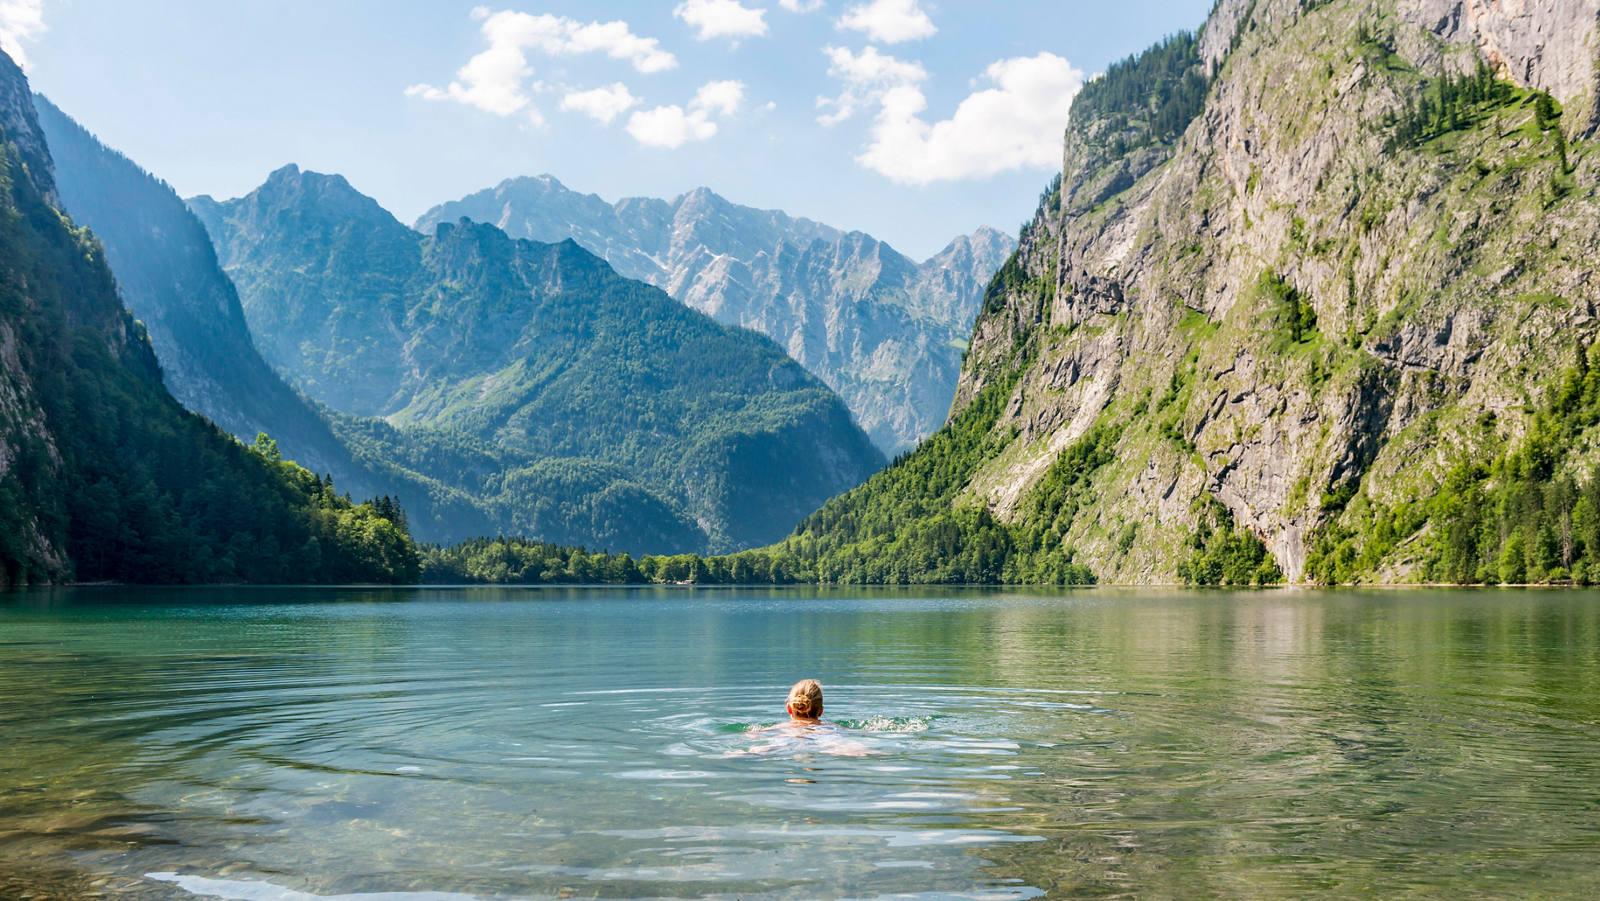 Freiwasserschwimmen: Sicher unterwegs in Fluss und See